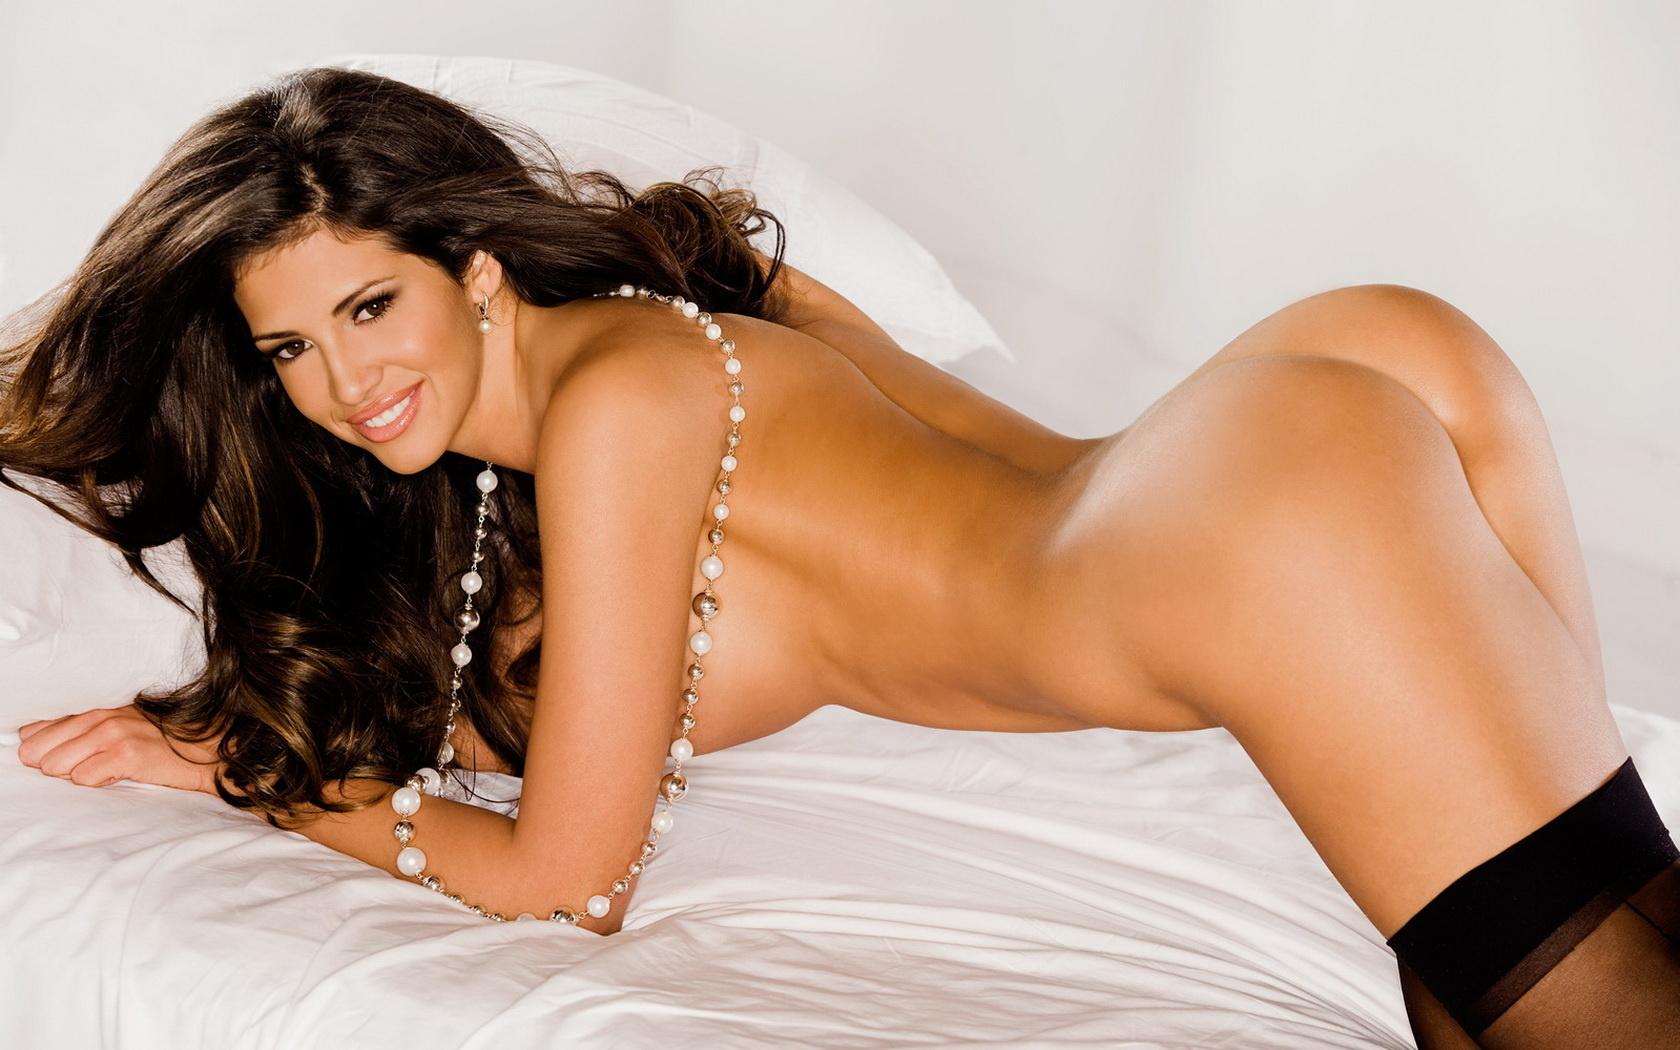 nude woman bikini